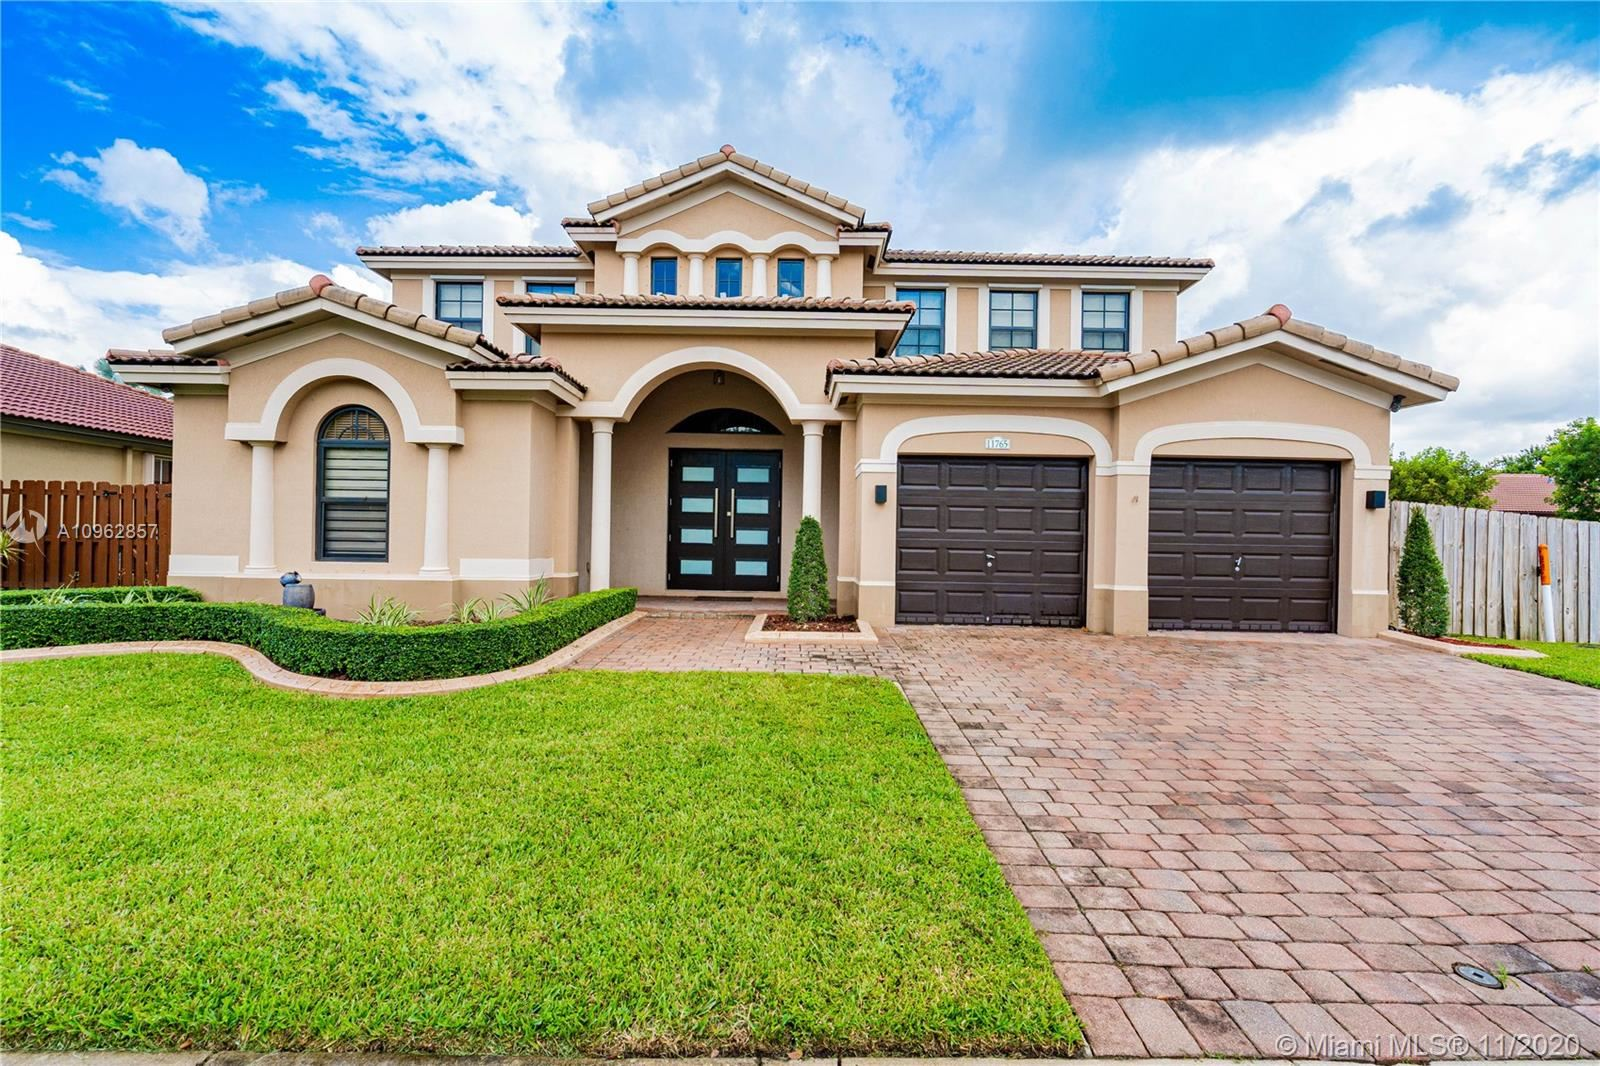 11765 SW 154th Ct, Miami, FL 33196 - #: A10962857